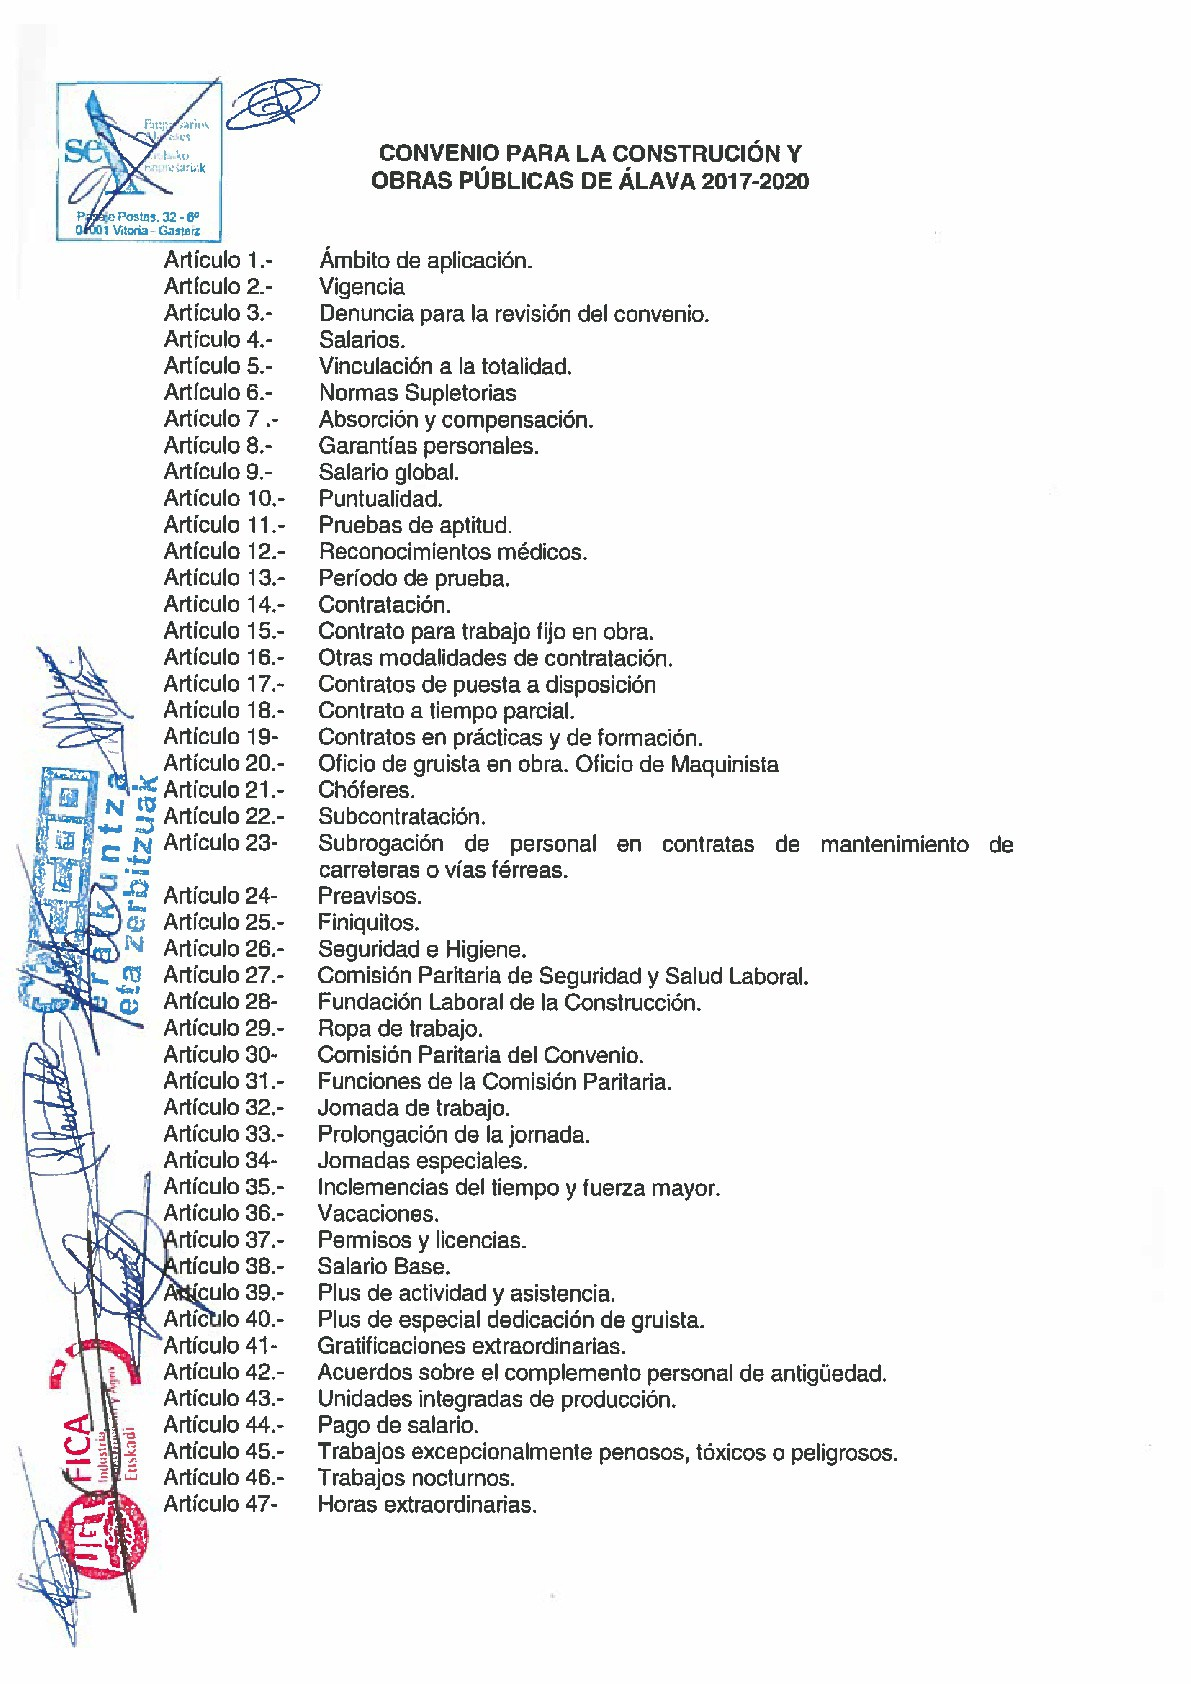 Calendario Laboral Alava 2020.Firma Del Convenio Colectivo Para La Construccion Y Obras Publicas